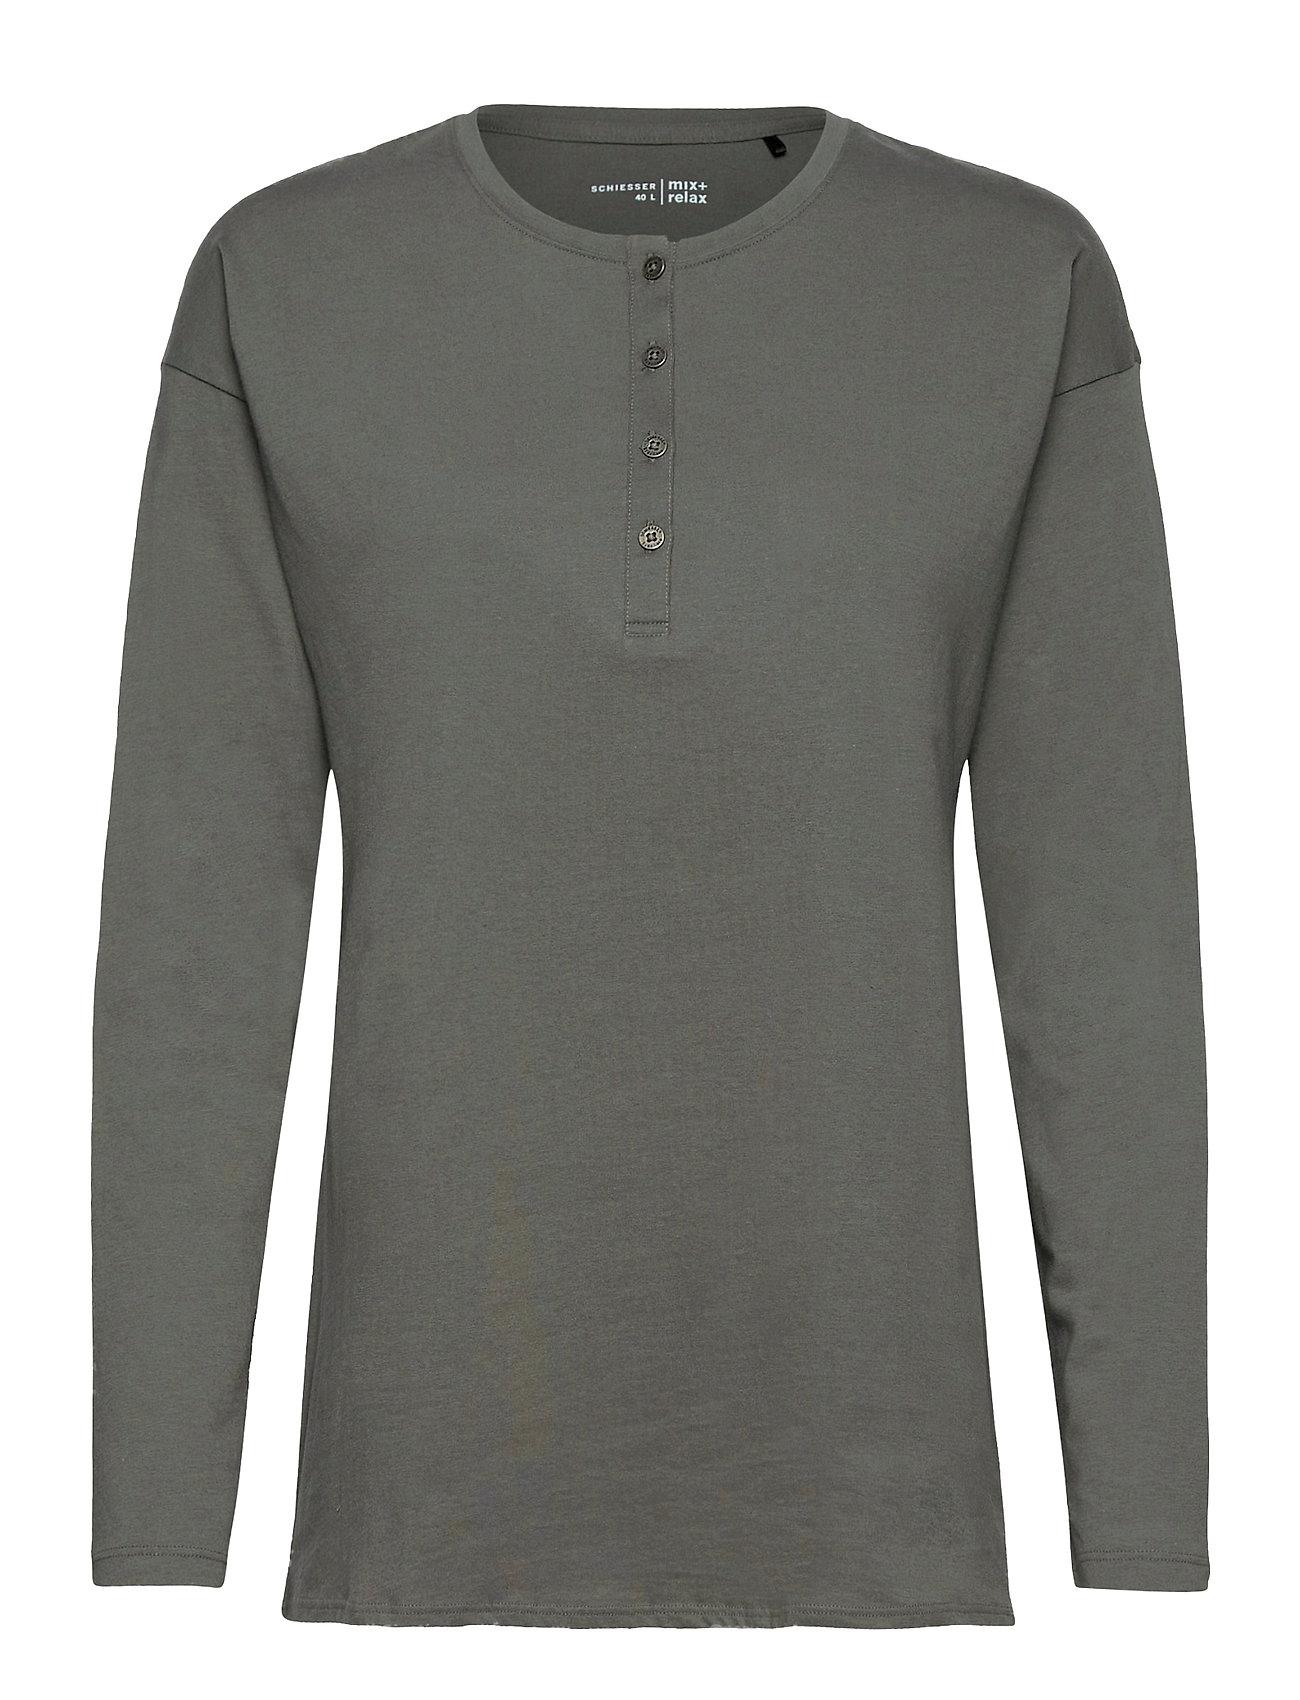 Image of Shirt 1/1 Top Grøn Schiesser (3485991565)